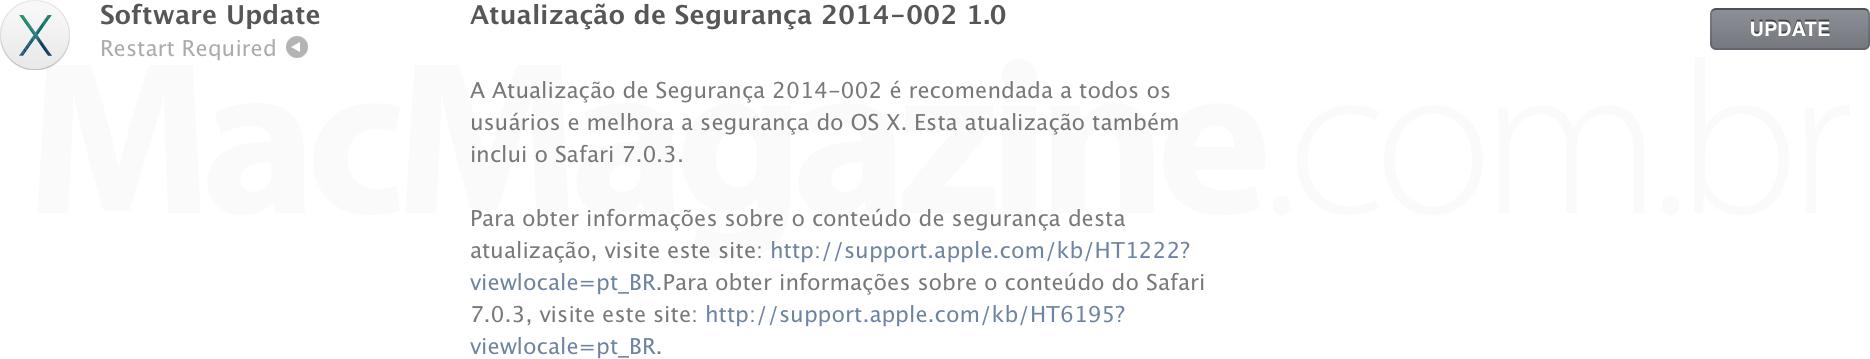 Atualização de segurança do OS X Mavericks